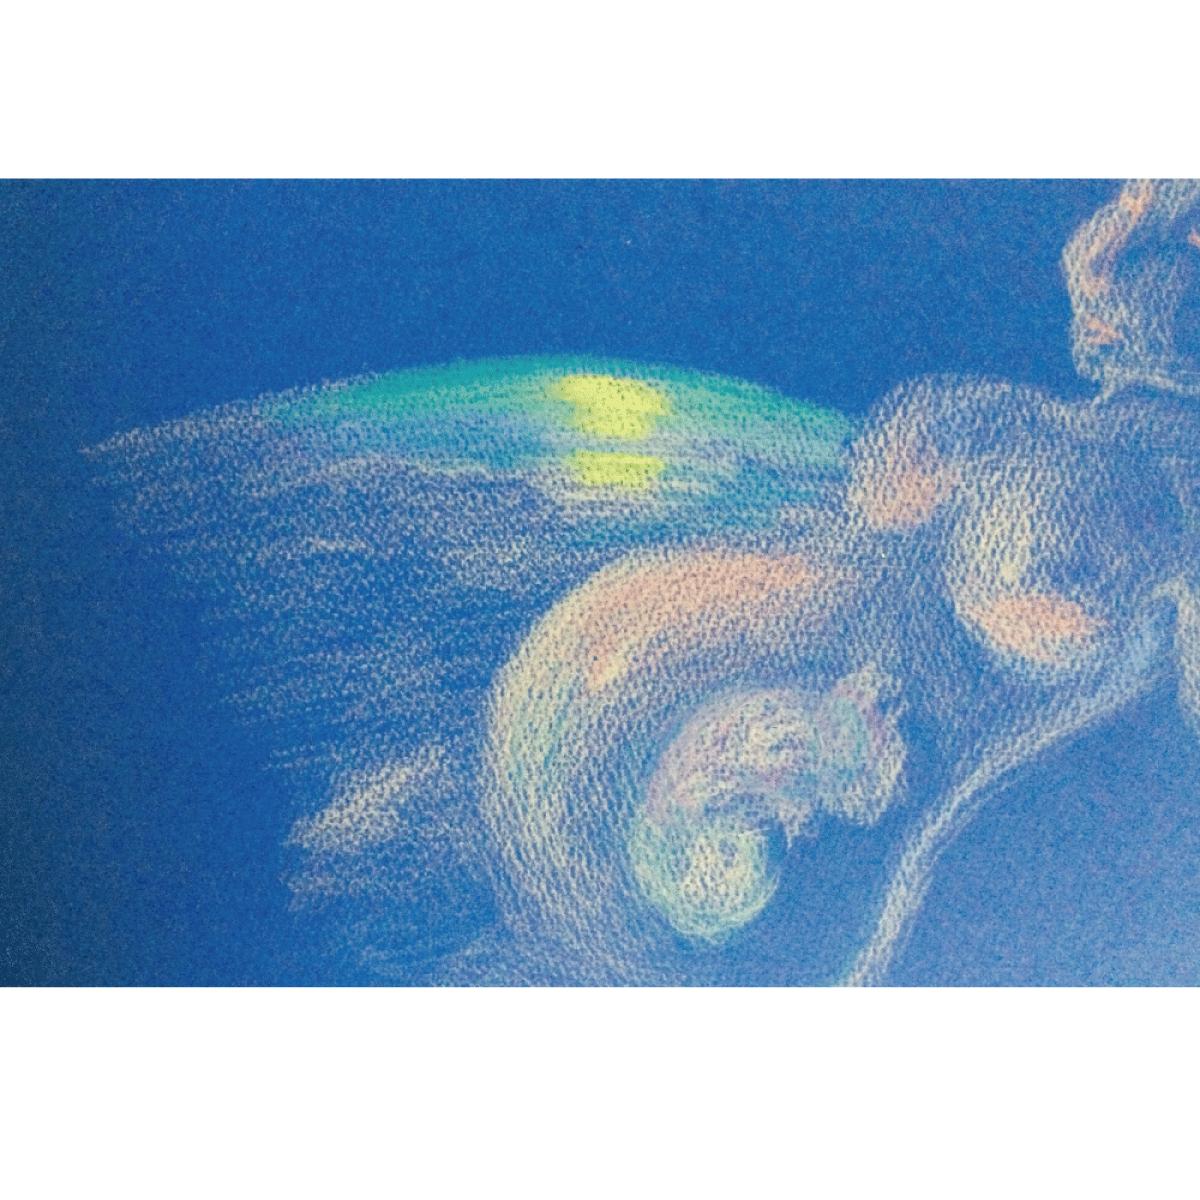 【ポストカード】母月